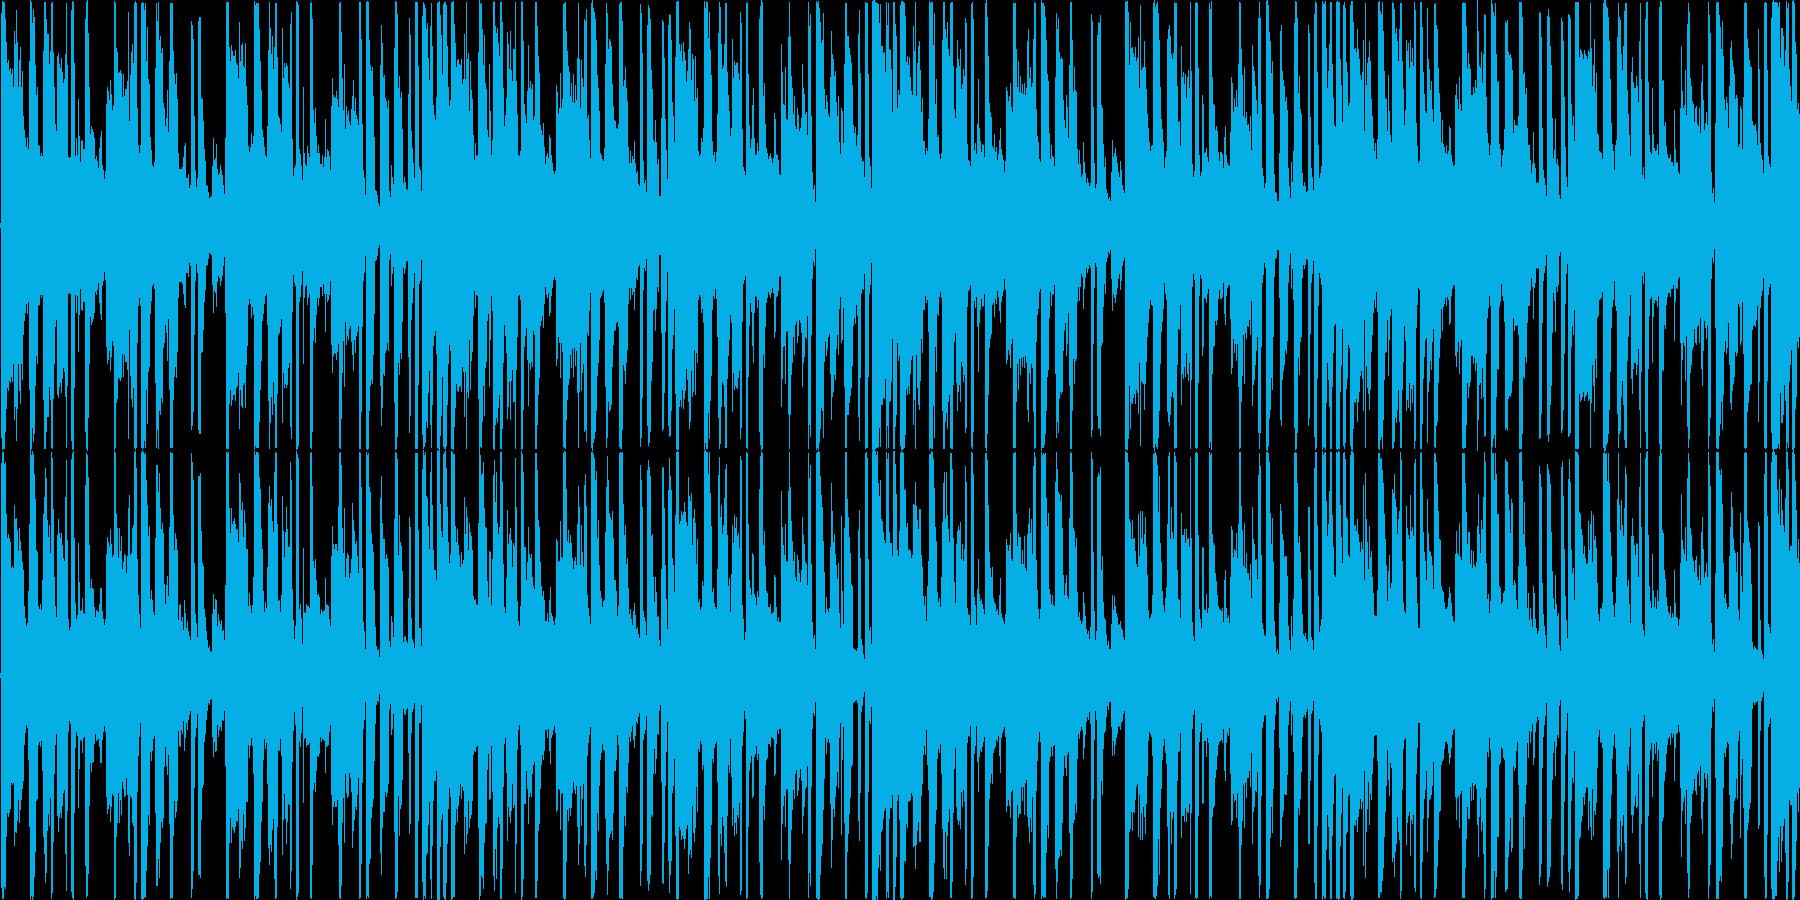 レトロな雰囲気をもったで怪しい曲の再生済みの波形